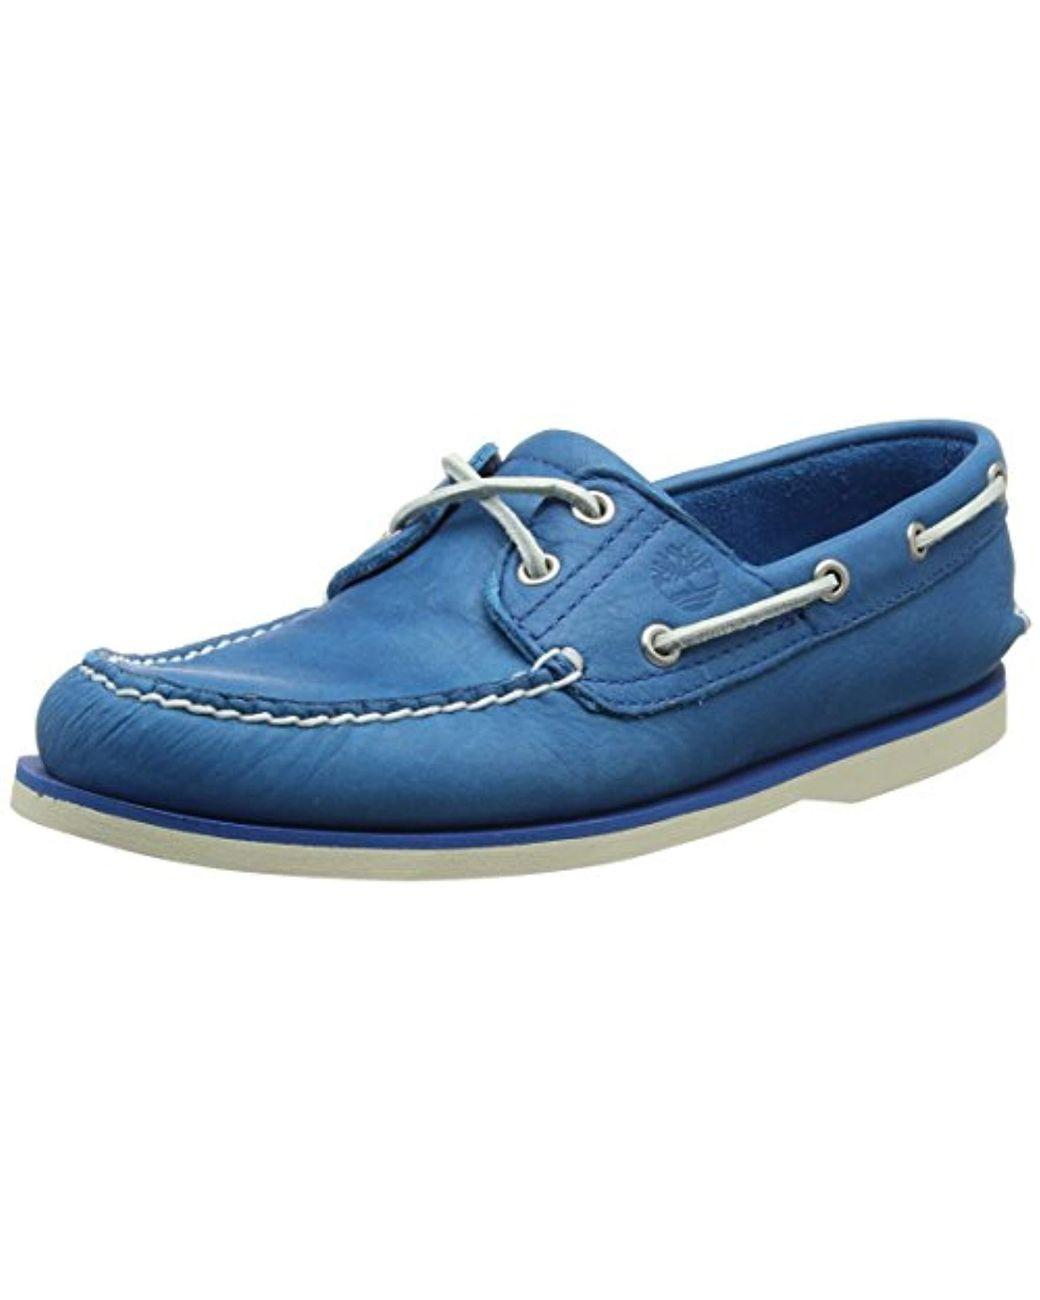 Classic Boat 2 Eyemykonos Blue Escape Chaussures Bateau Homme de coloris bleu